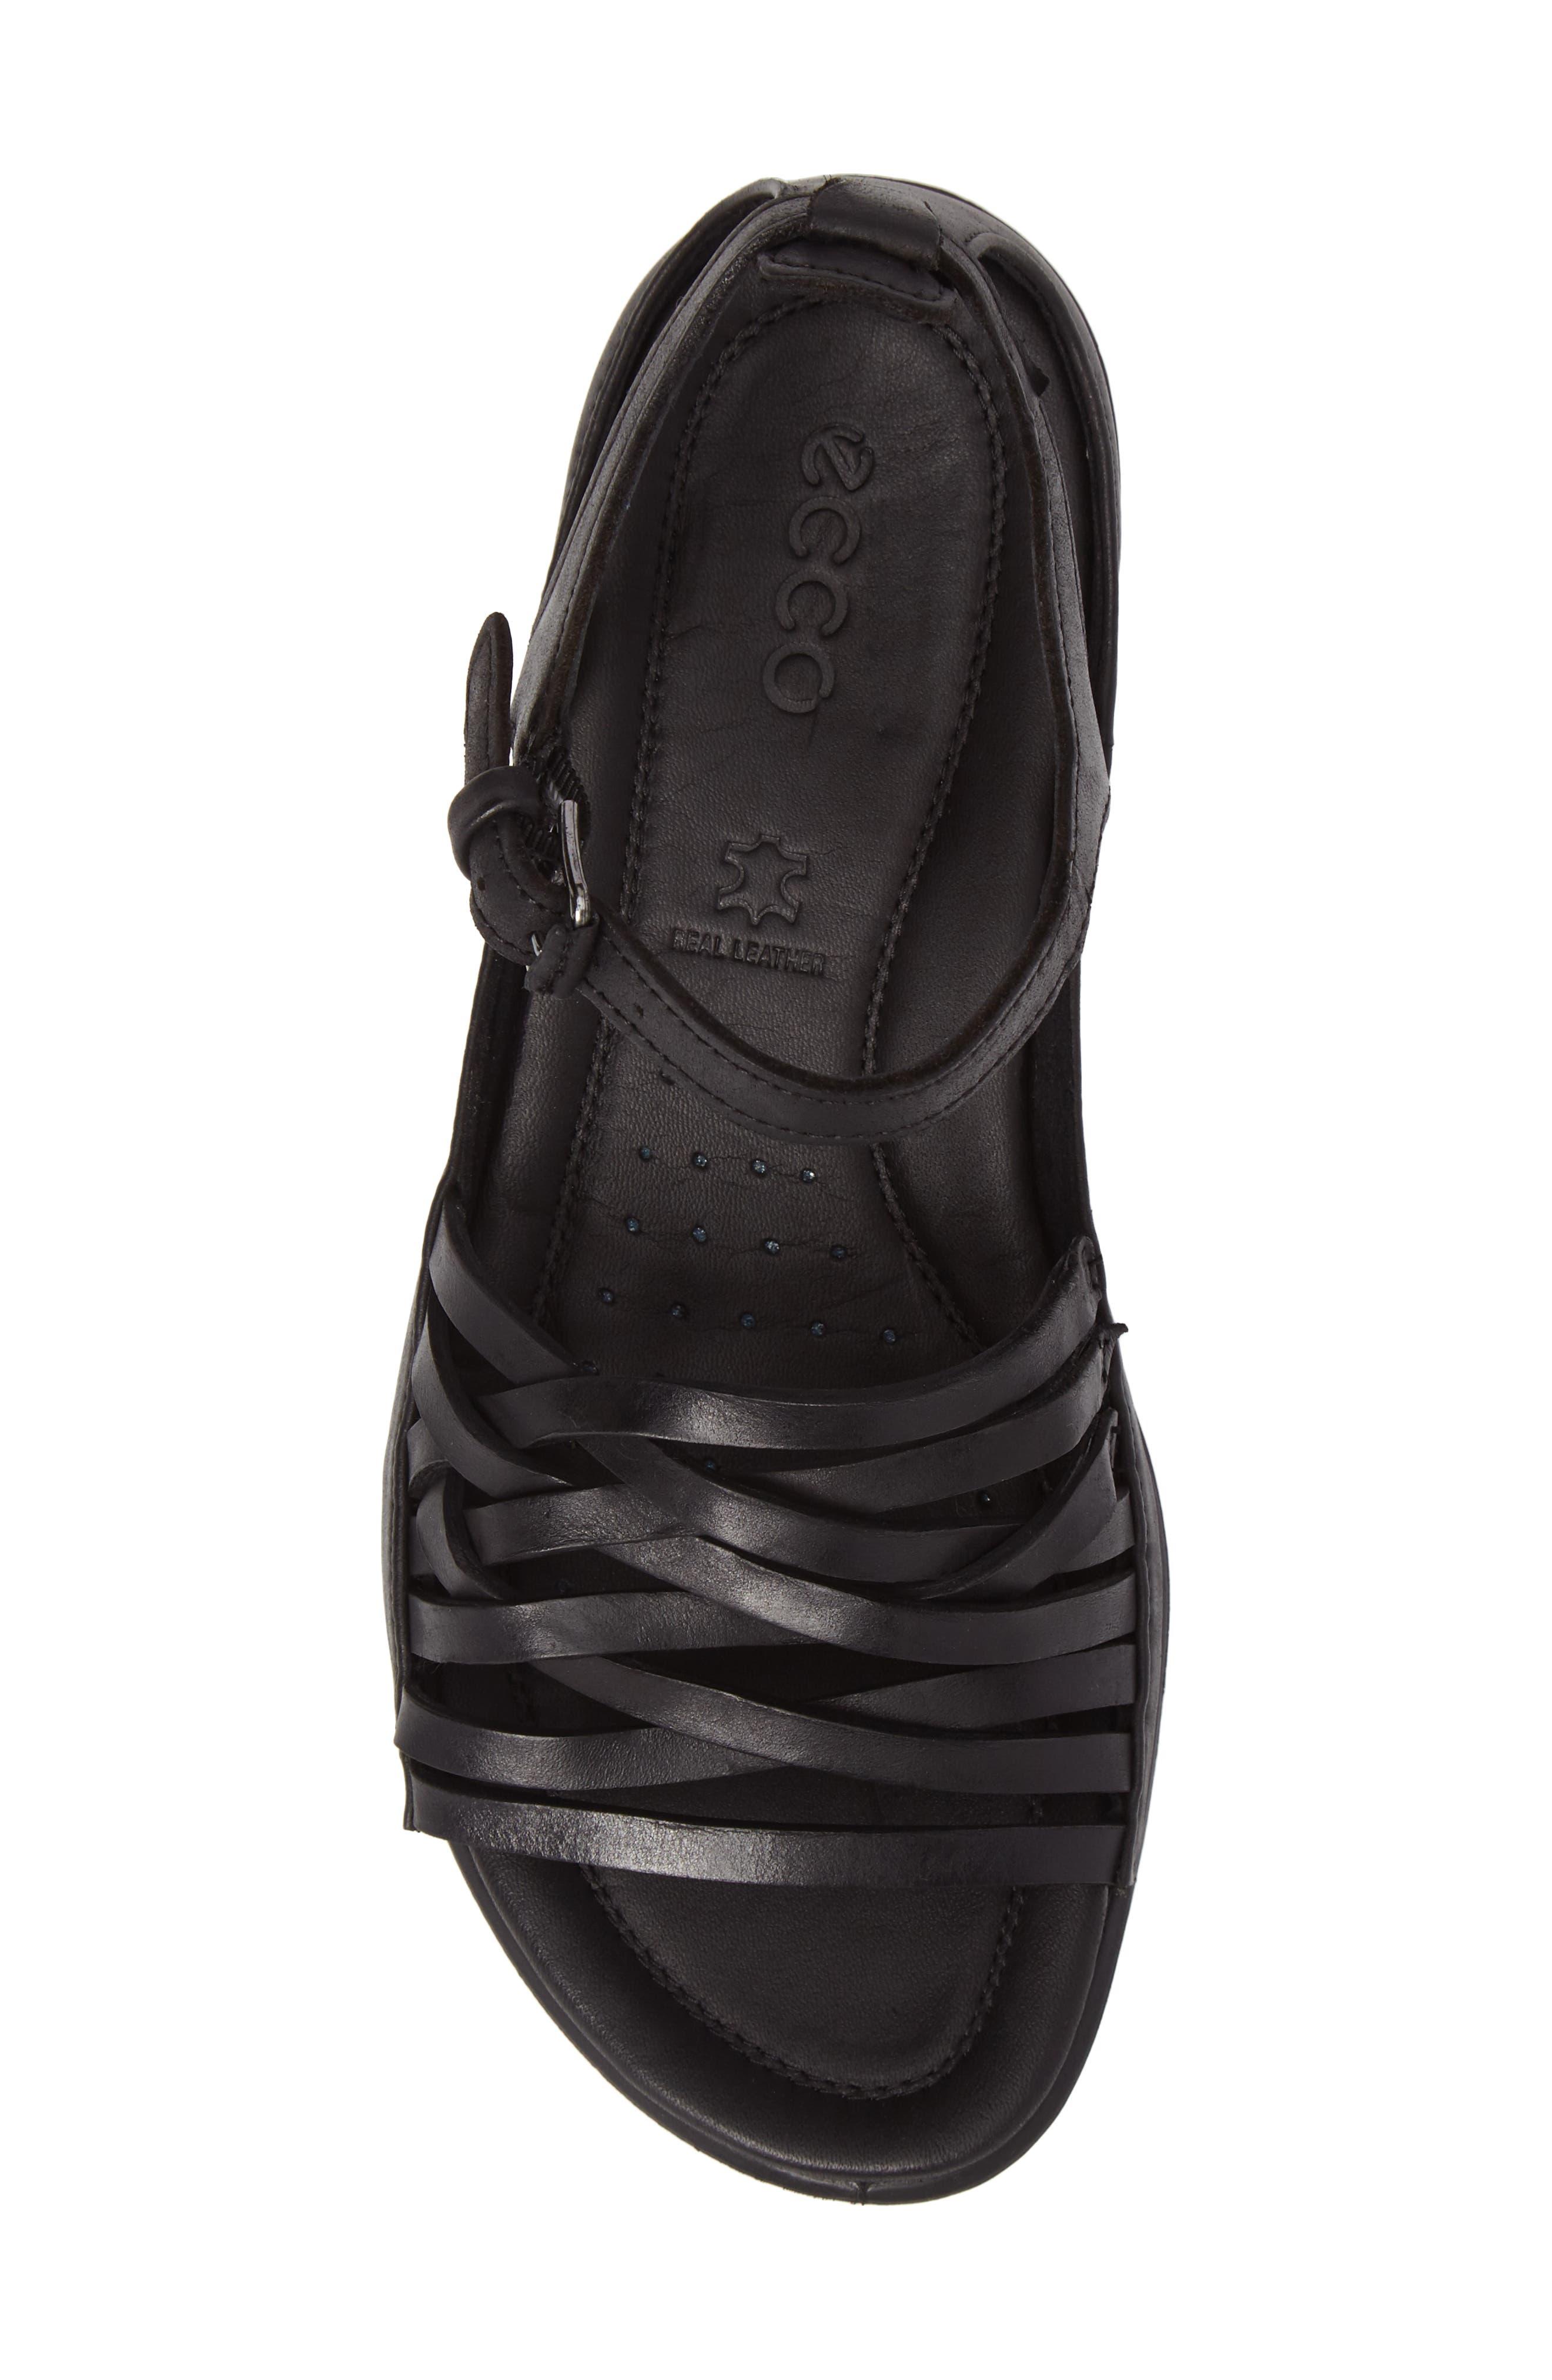 Flash Sandal,                             Alternate thumbnail 5, color,                             Black Leather